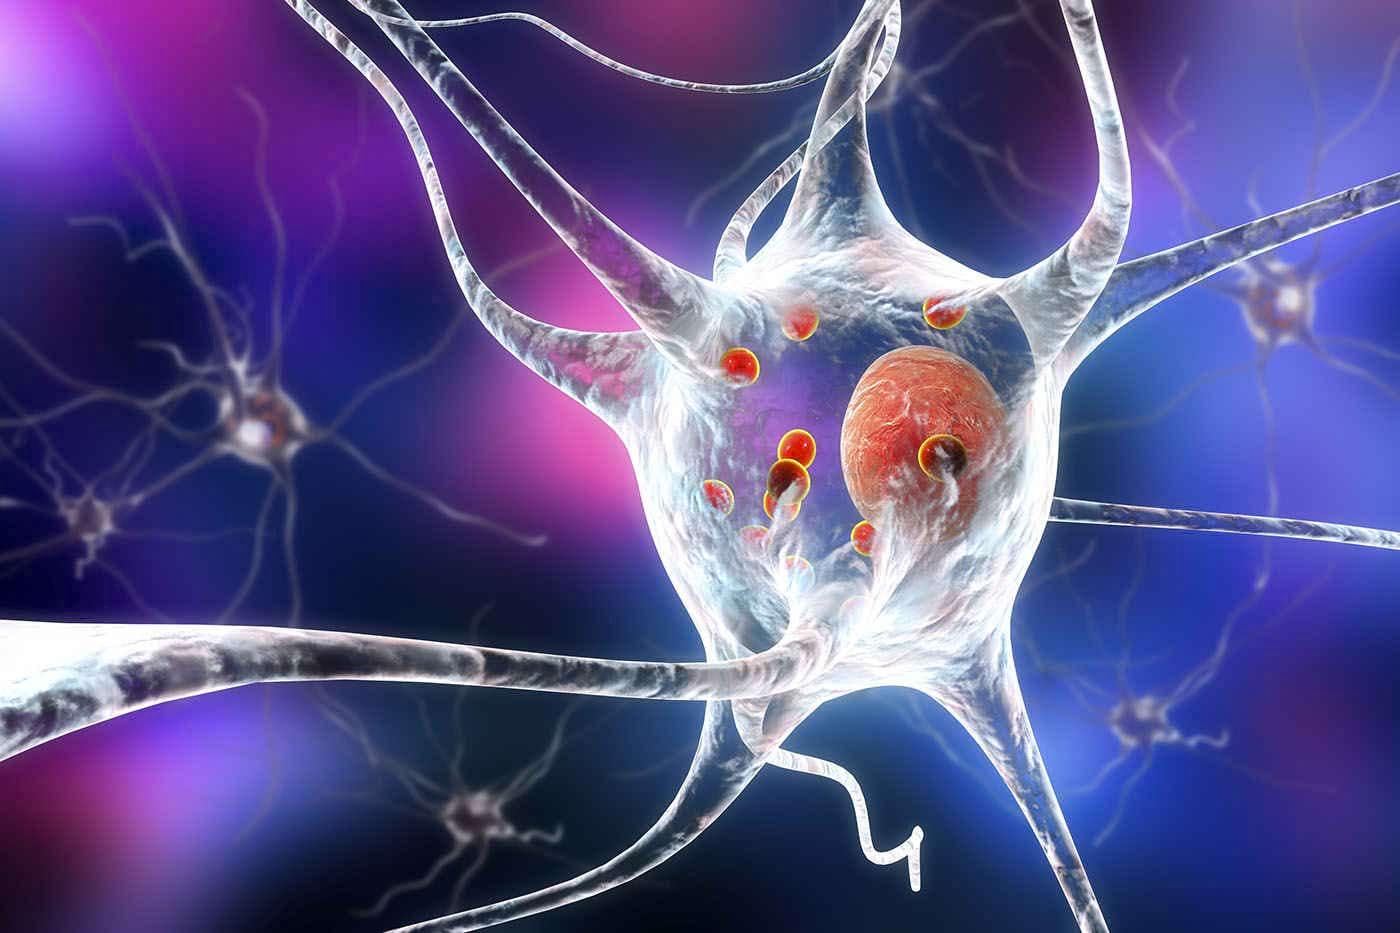 Un tratament nou pentru Parkinson ar putea elimina simptomele bolii [studiu]